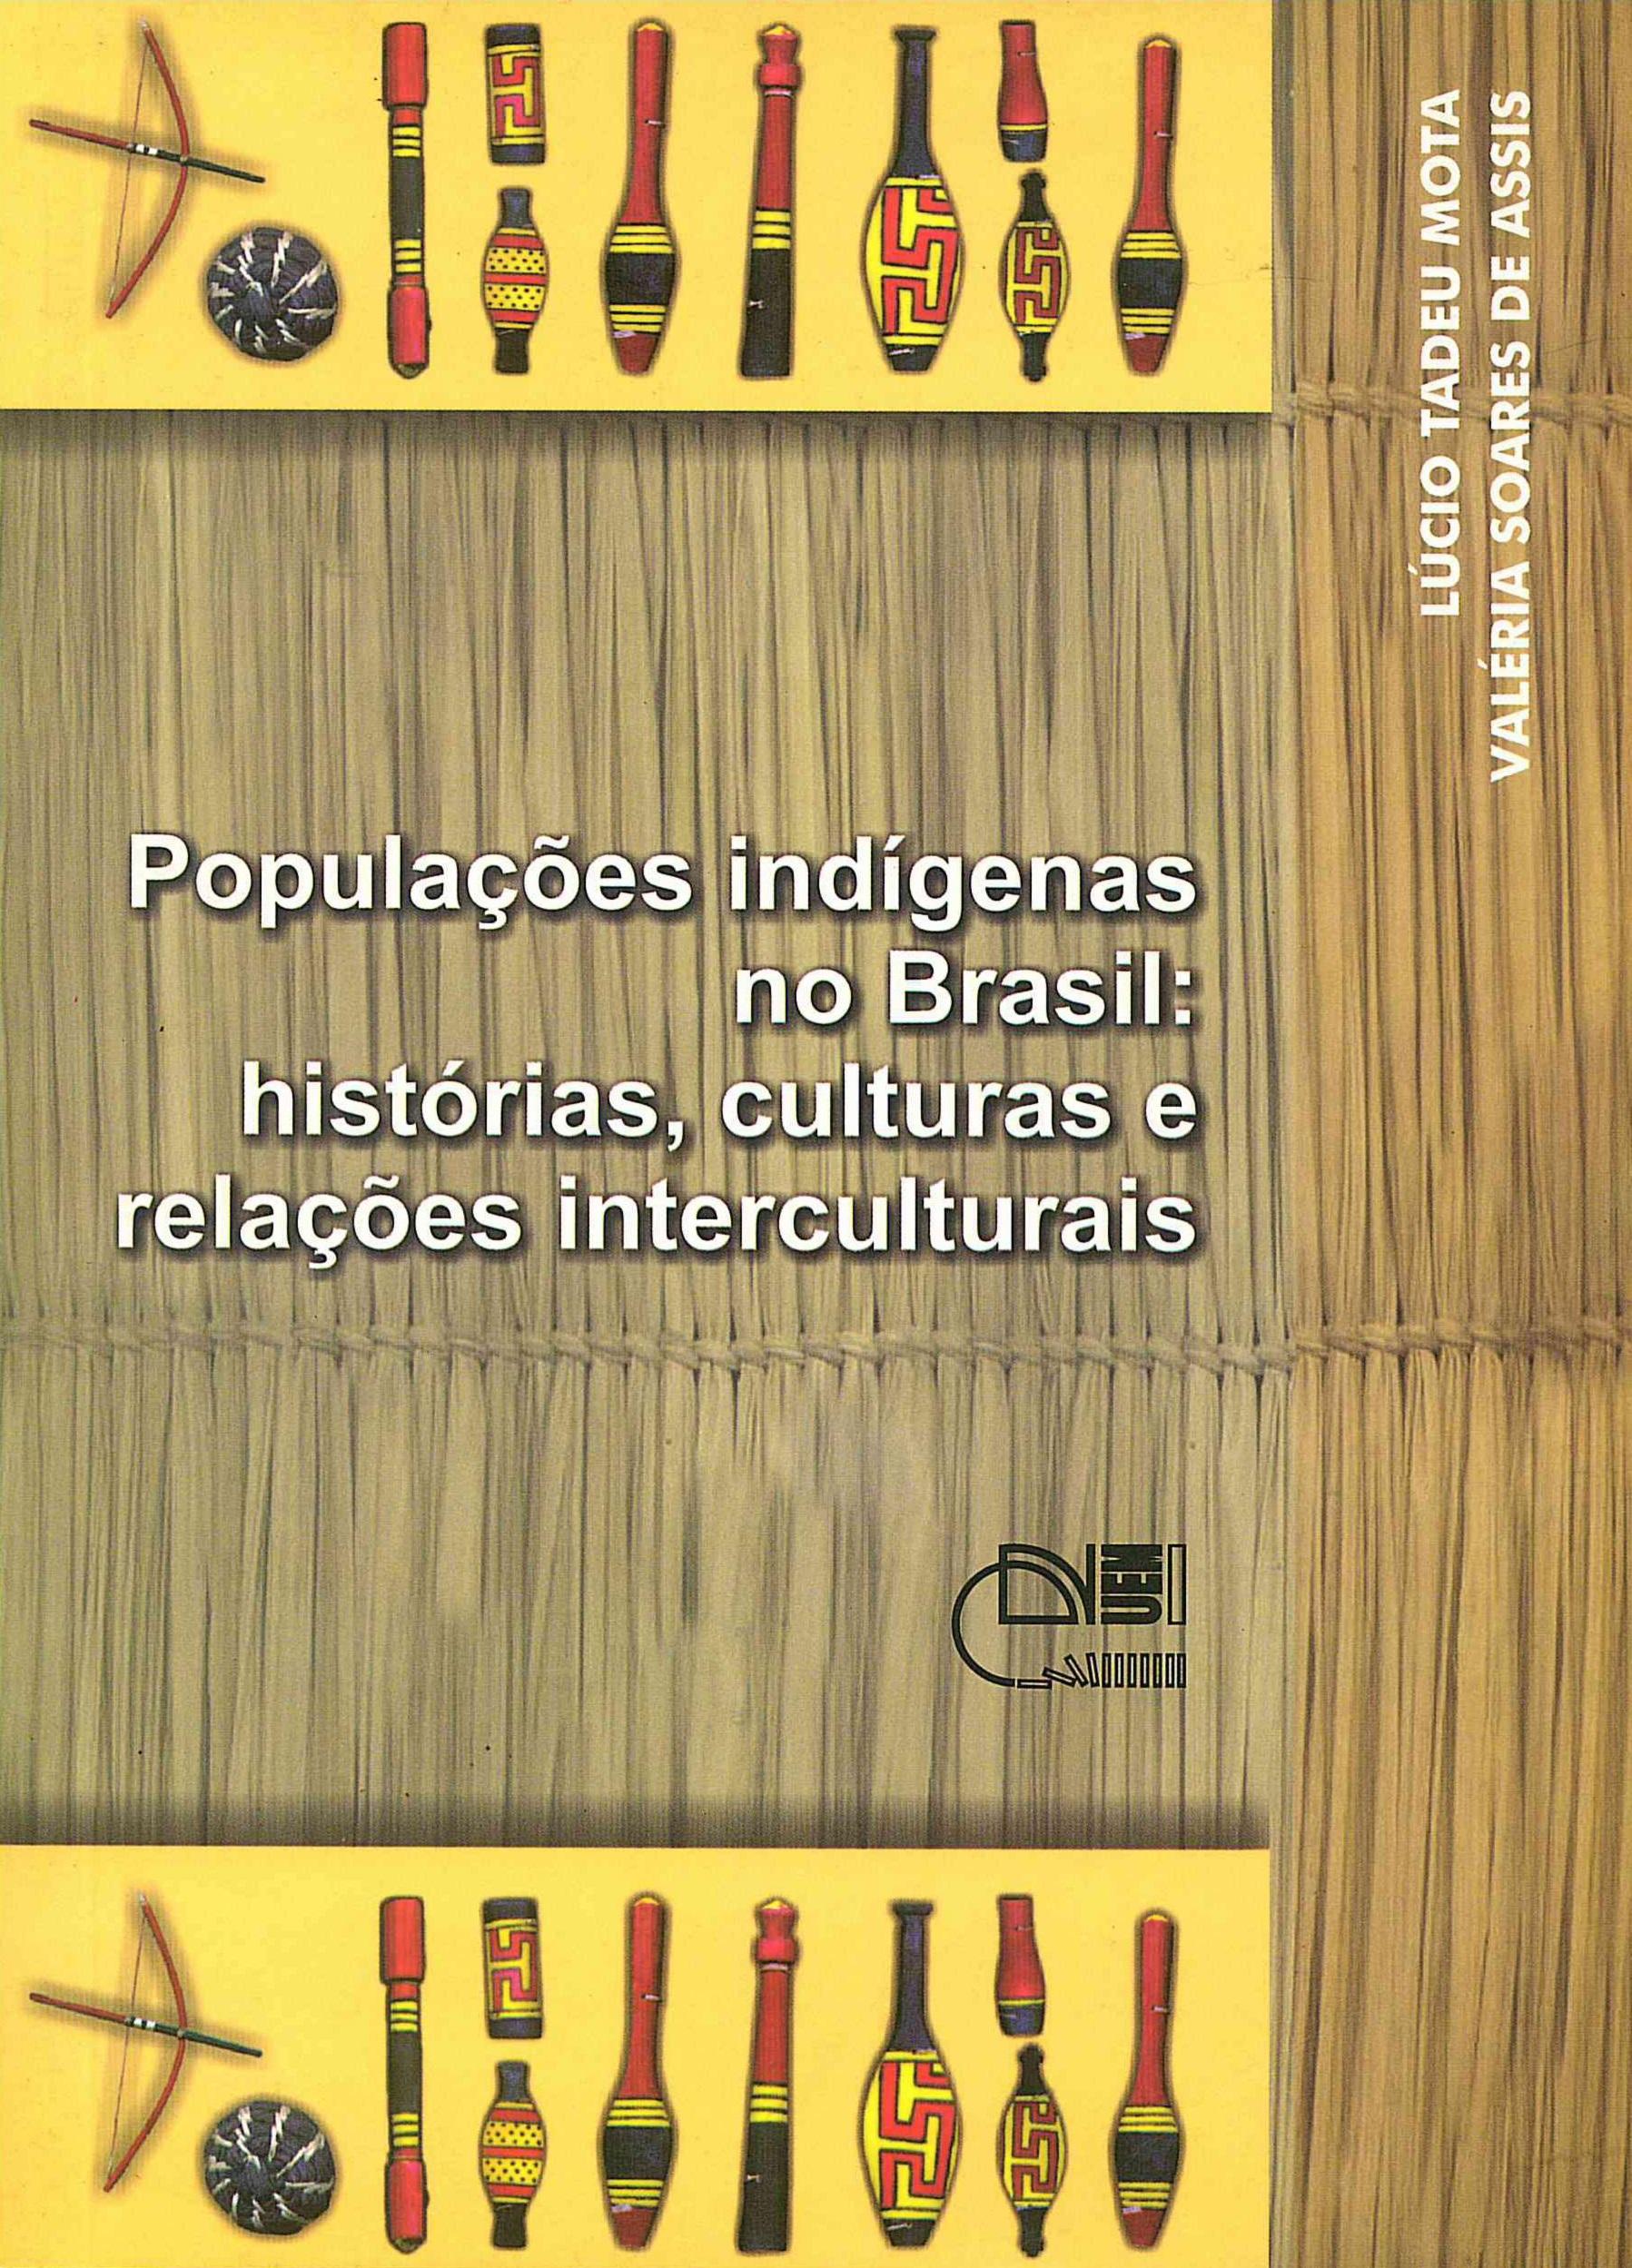 Populações indígenas no Brasil: histórias, culturas e relações interculturais